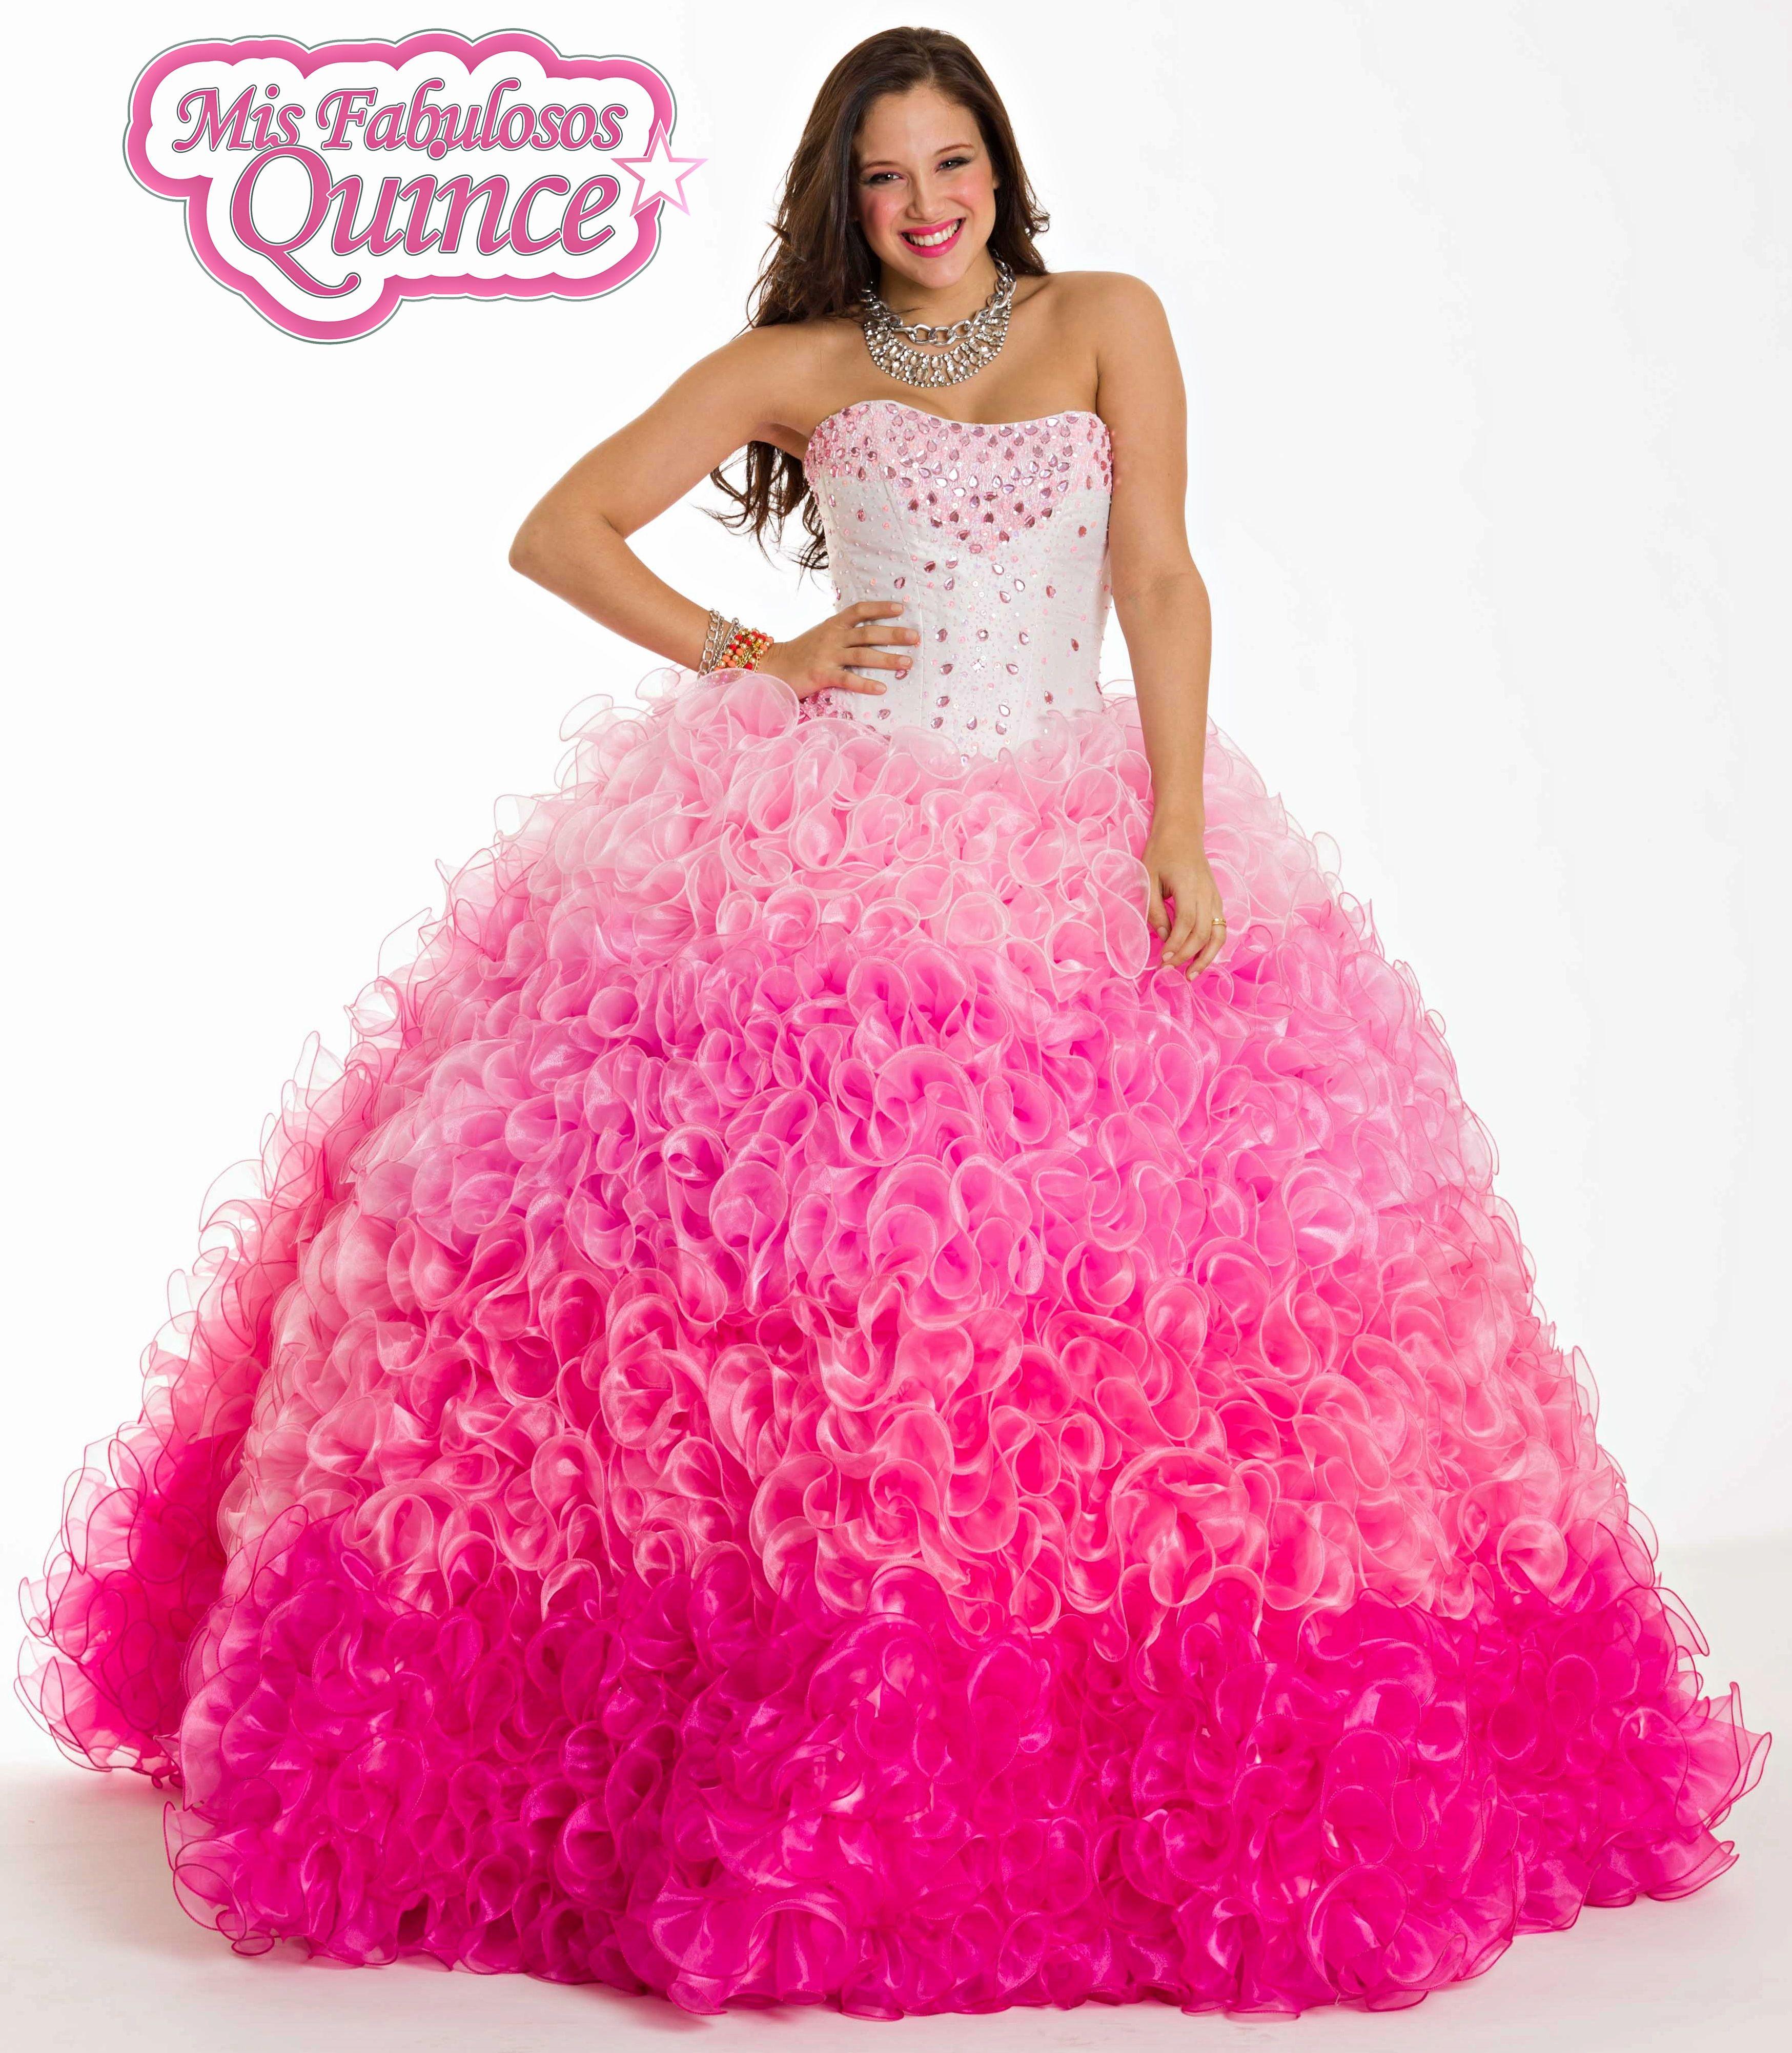 Increible vestido de 15 en degrade en tonos rosas | Mis Fabulosos ...